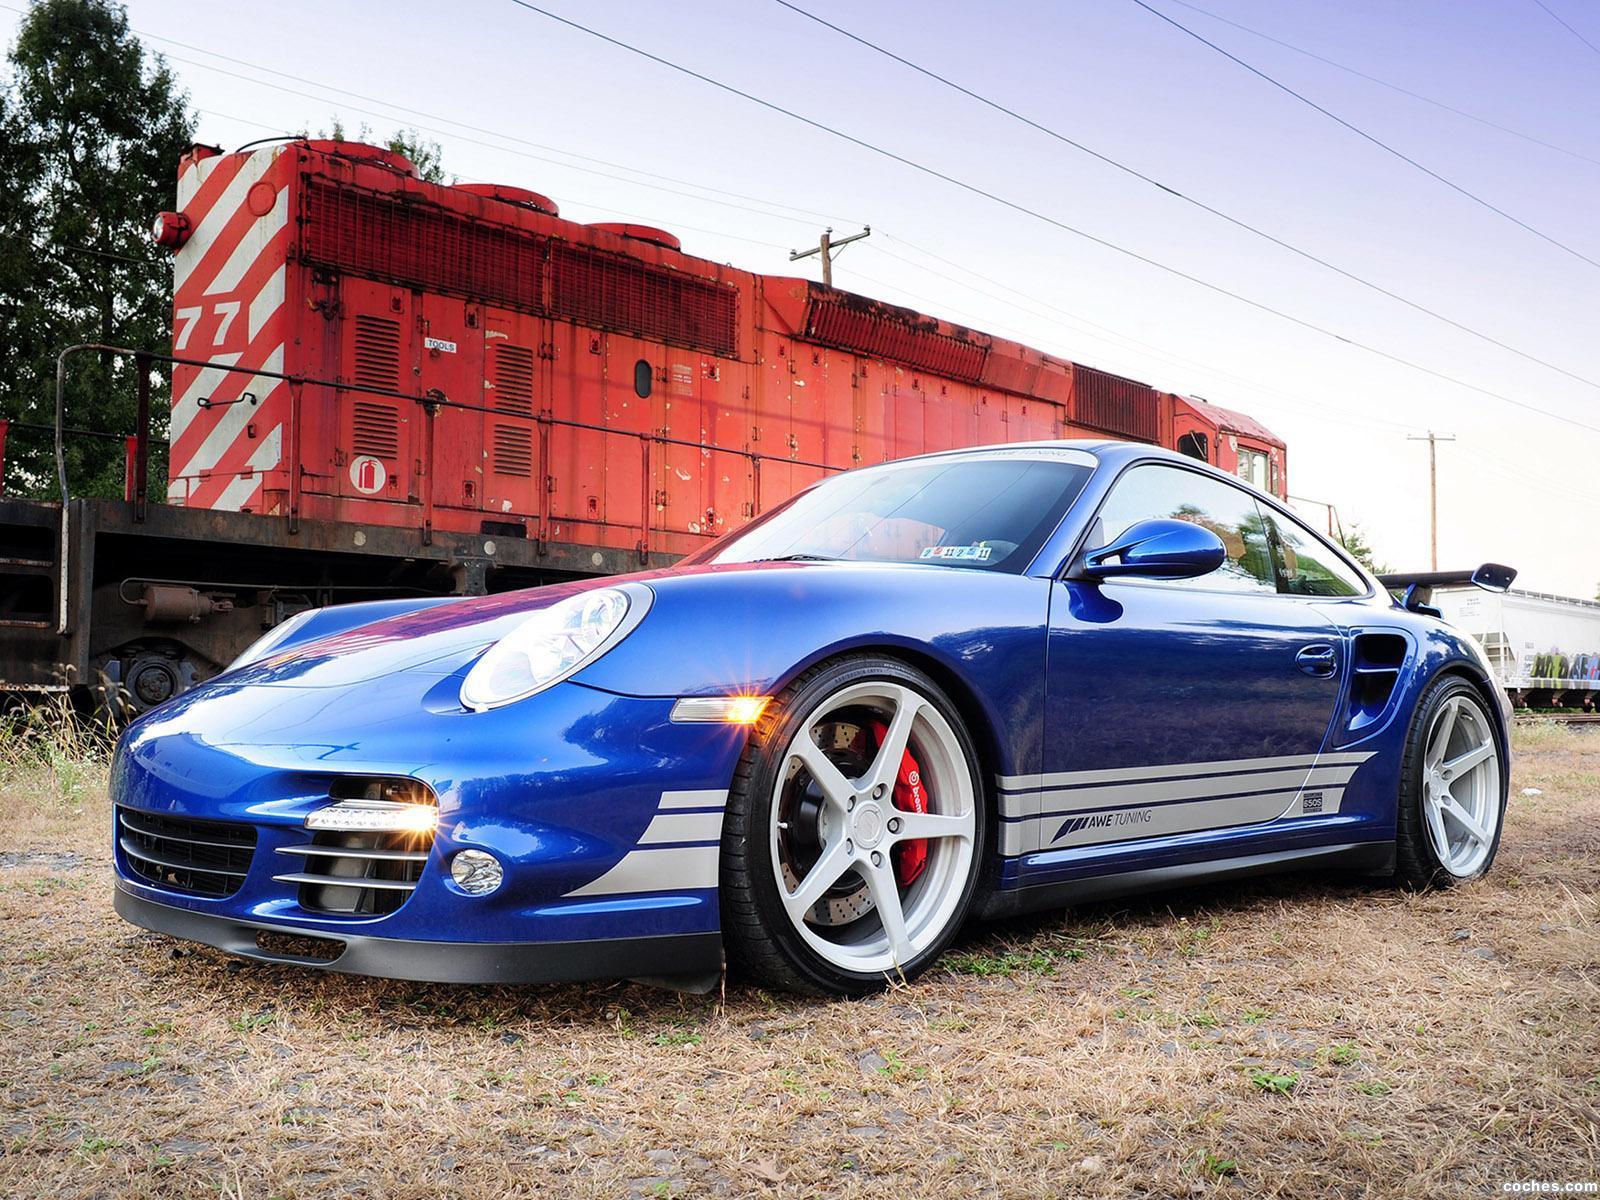 Fotos De Porsche 911 Awe Tuning 650s Turbo 997 2009